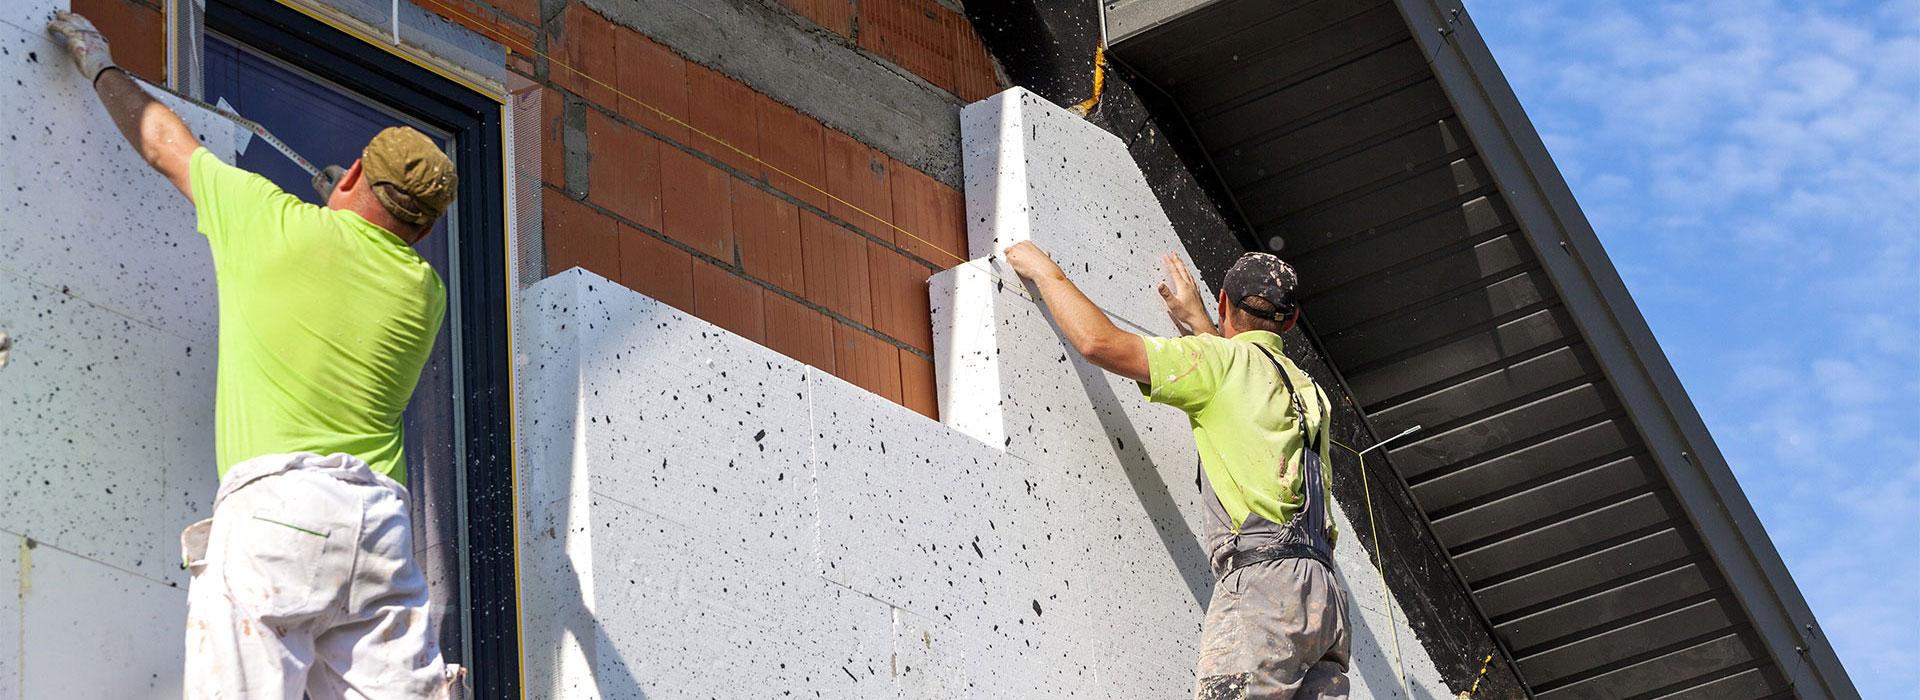 Fassadenrenovierungsarbeiten